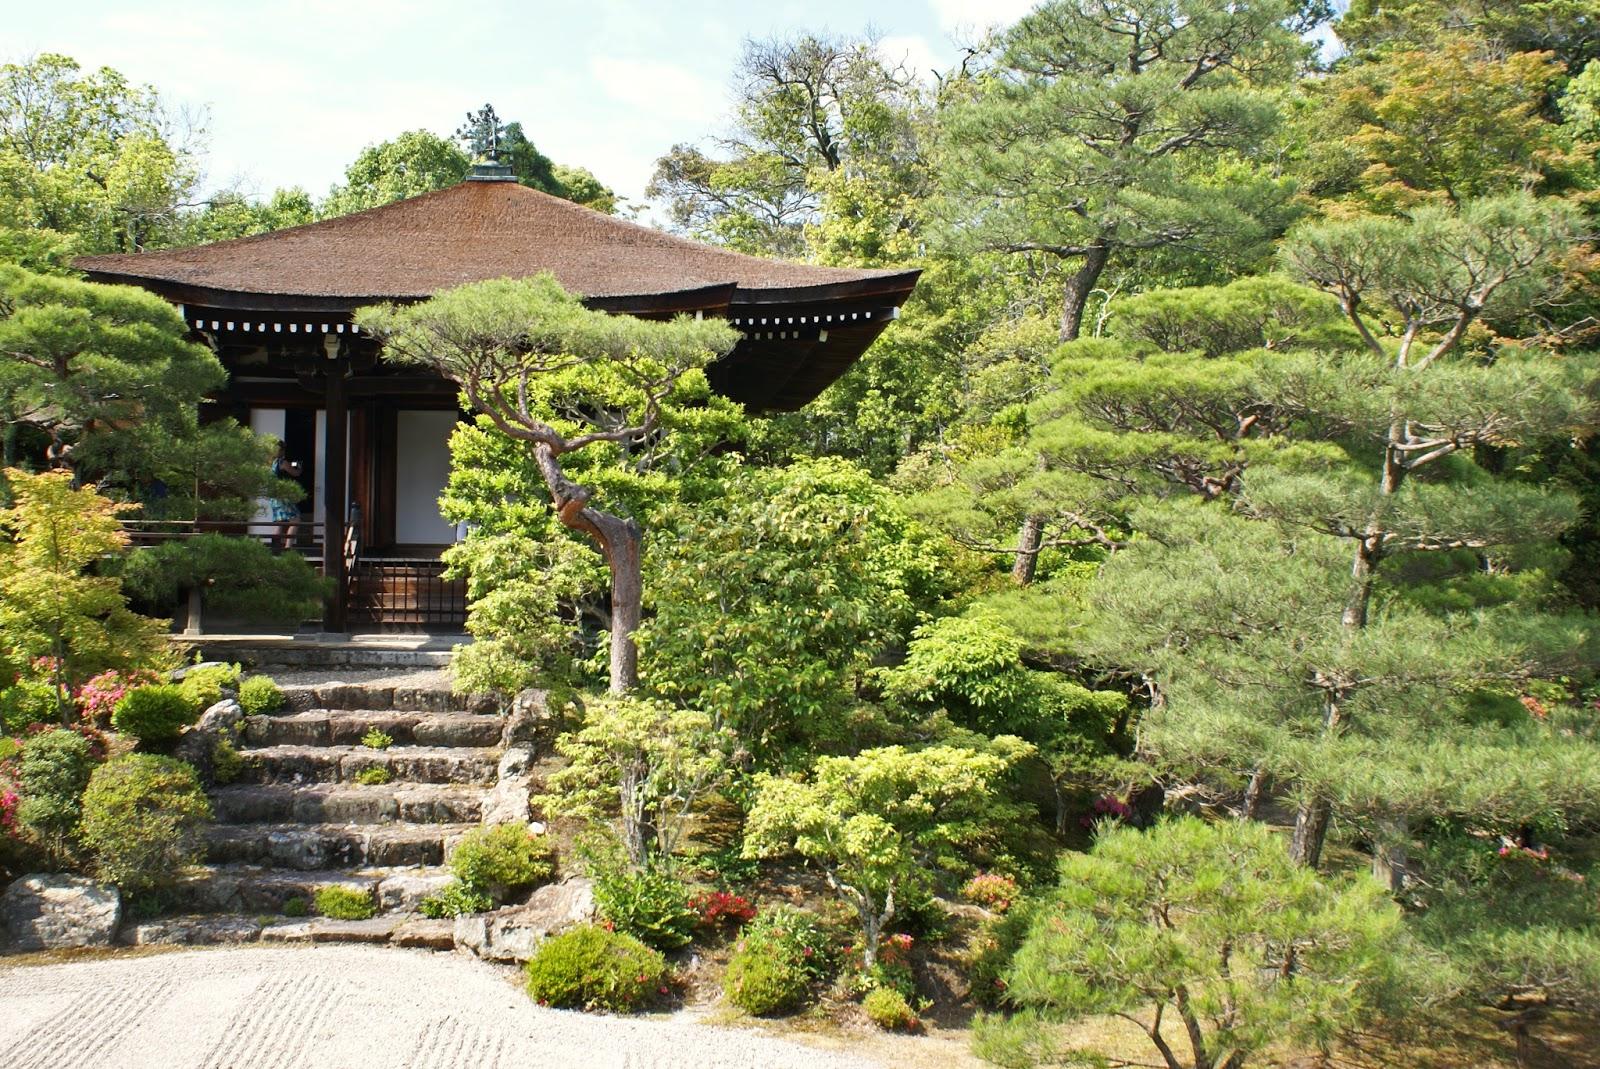 ninna ji temple garden kyoto japan